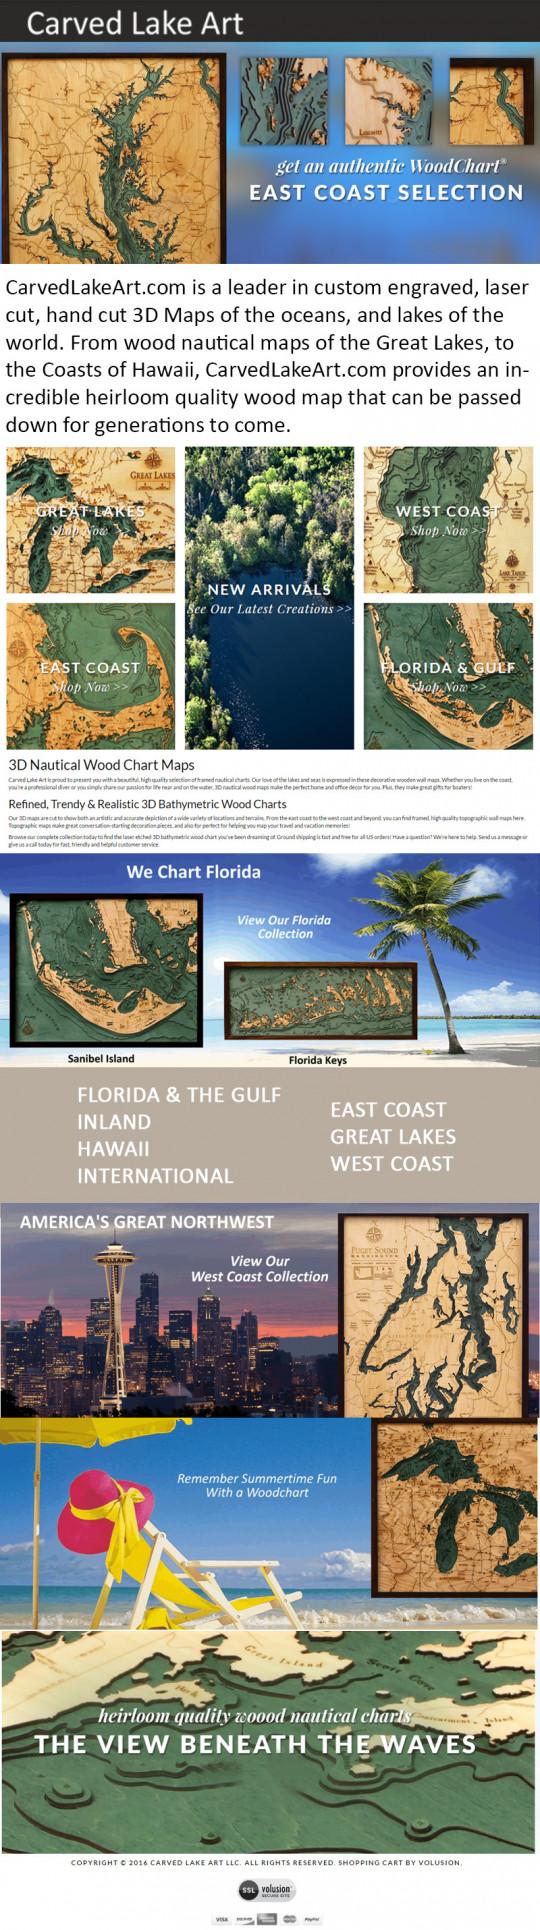 Carvedlakeart Infographics